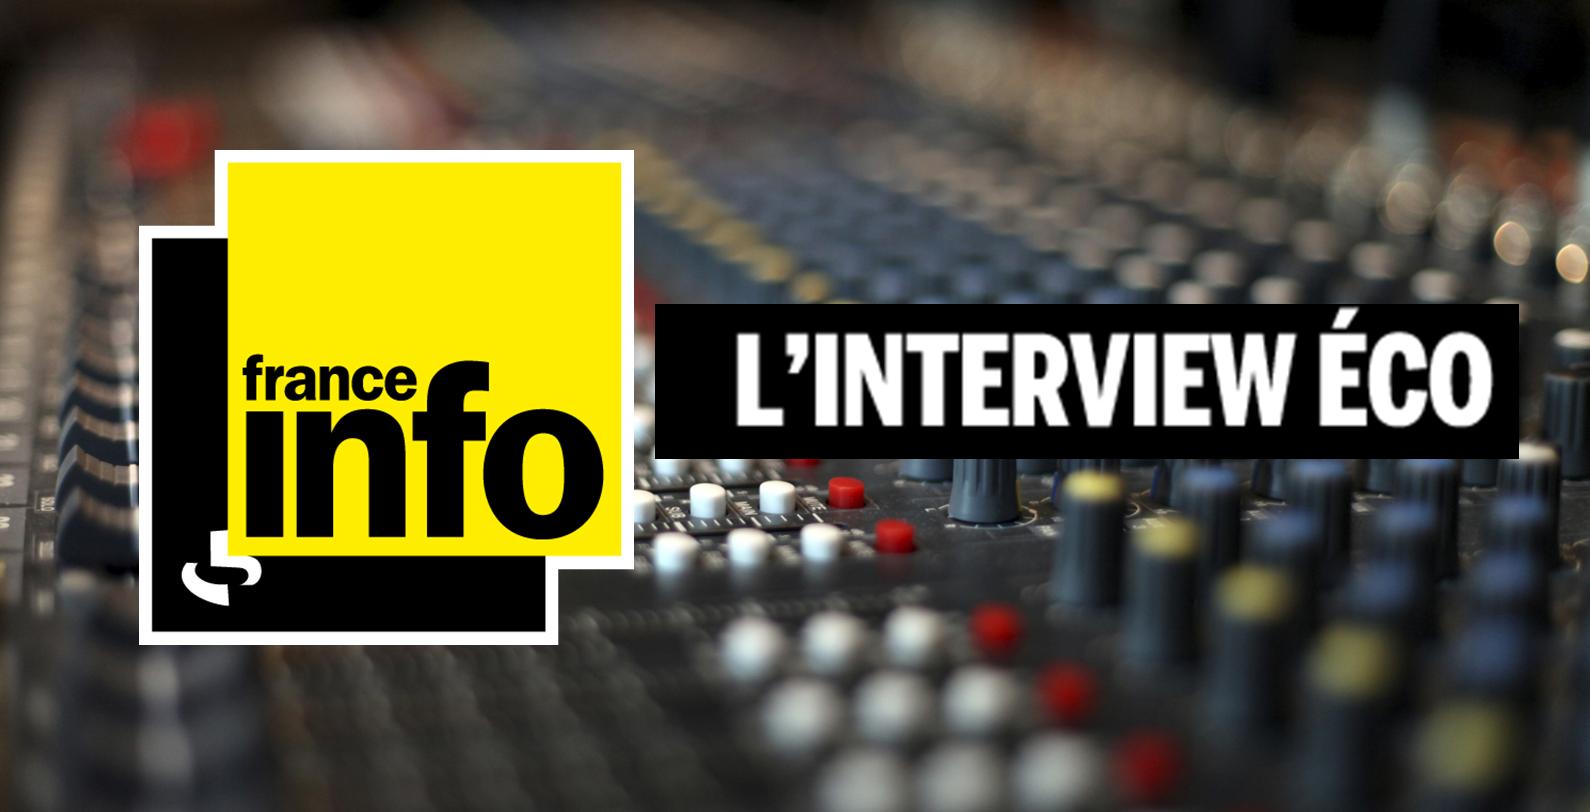 L'interview éco, France Info